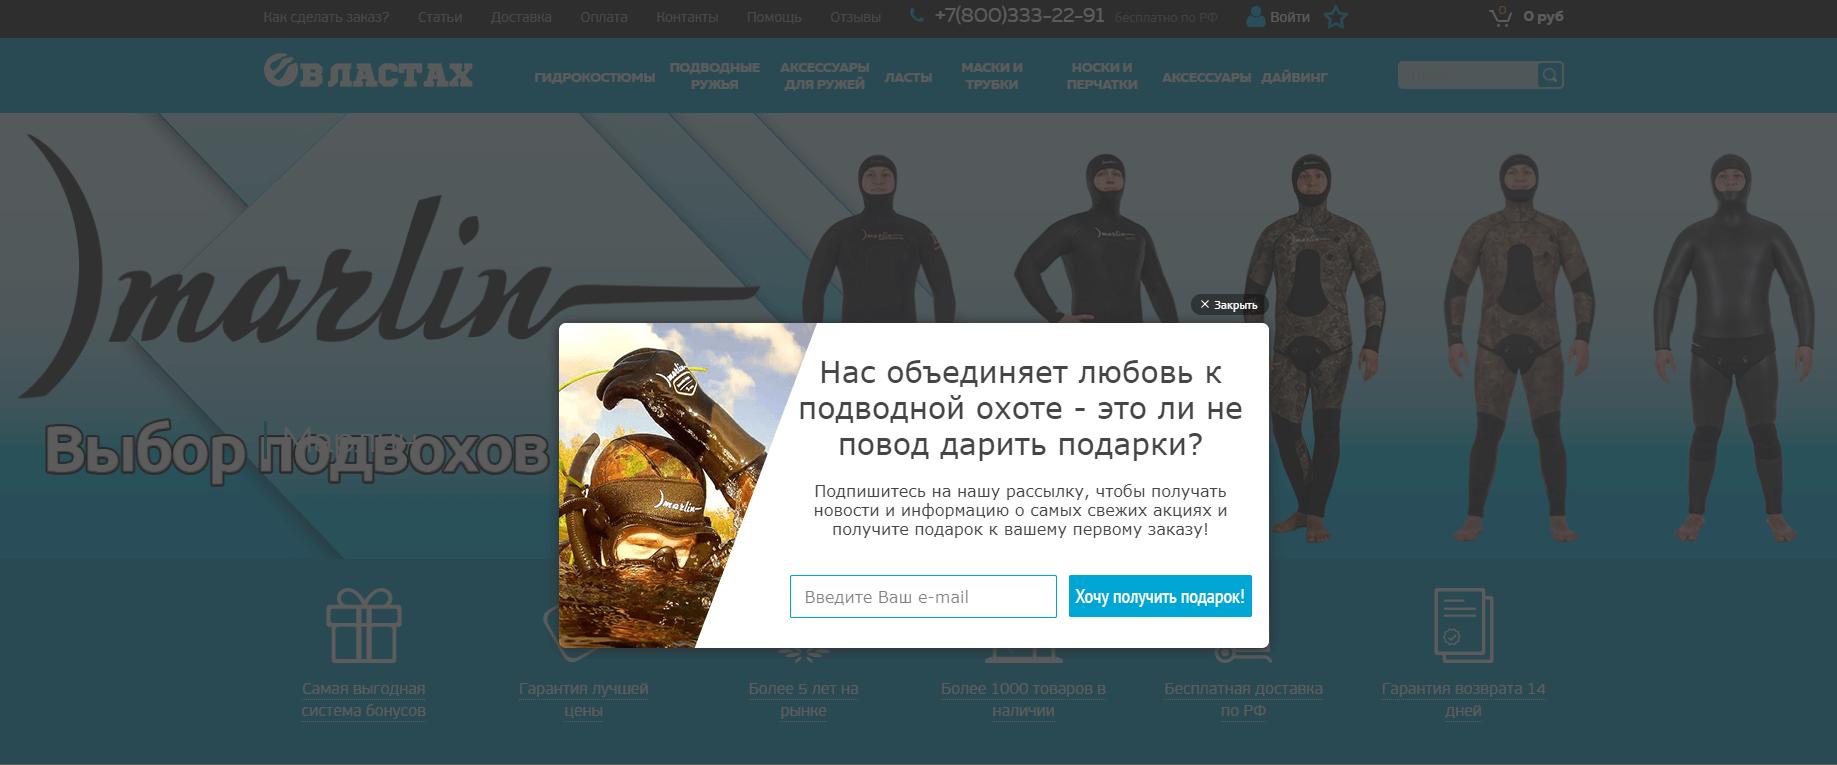 лидогенерация - поп-ап после открытия сайта